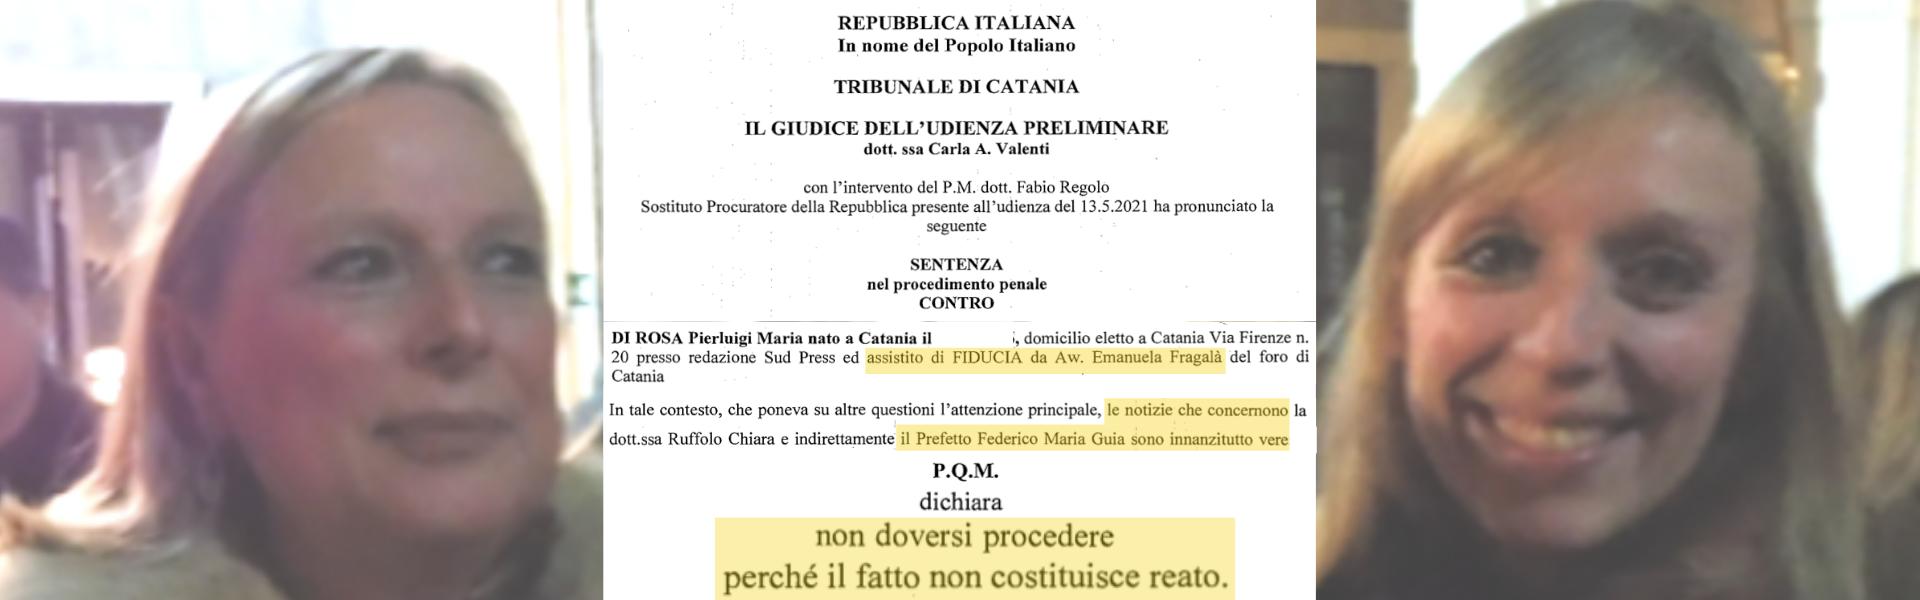 Croce Rossa Palermo: la presidente Laura Campione dichiara il falso e assume come direttore il suo predecessore